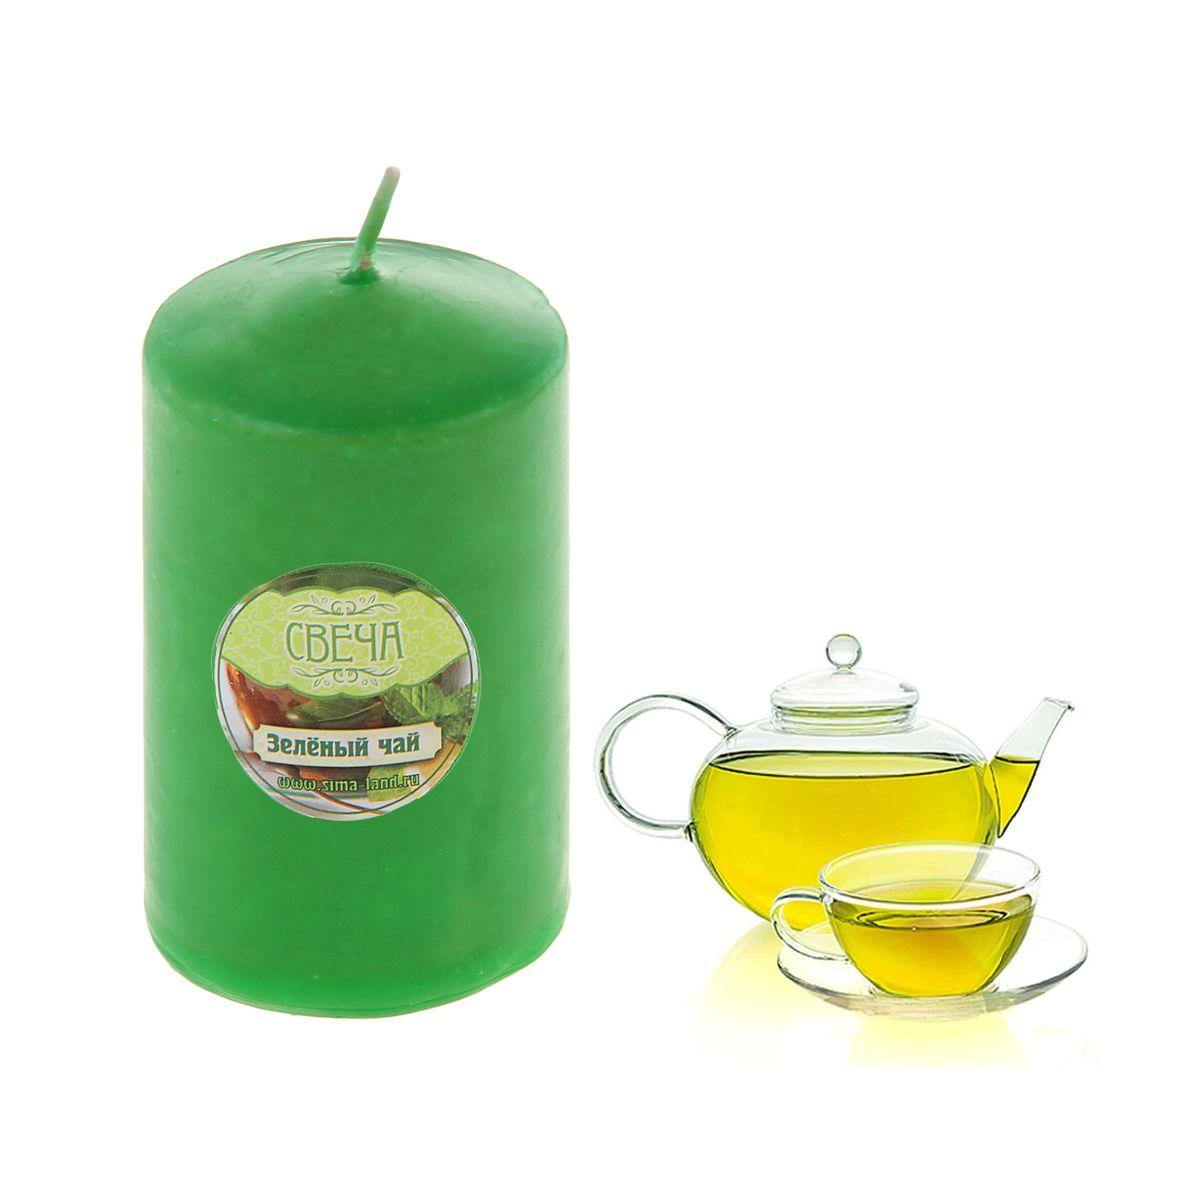 Свеча ароматизированная Sima-land Зеленый чай, высота 10 см. 849605849605Свеча Sima-land Зеленый чай выполнена из воска в виде столбика. Изделие порадует вас ярким дизайном и освежающим ароматом зеленого чая, который понравится как женщинам, так и мужчинам. Создайте для себя и своих близких незабываемую атмосферу праздника в доме. Ароматическая свеча Sima-land Зеленый чай может стать не только отличным подарком, но и гарантией хорошего настроения, ведь это красивая вещь из качественного, безопасного для здоровья материала.